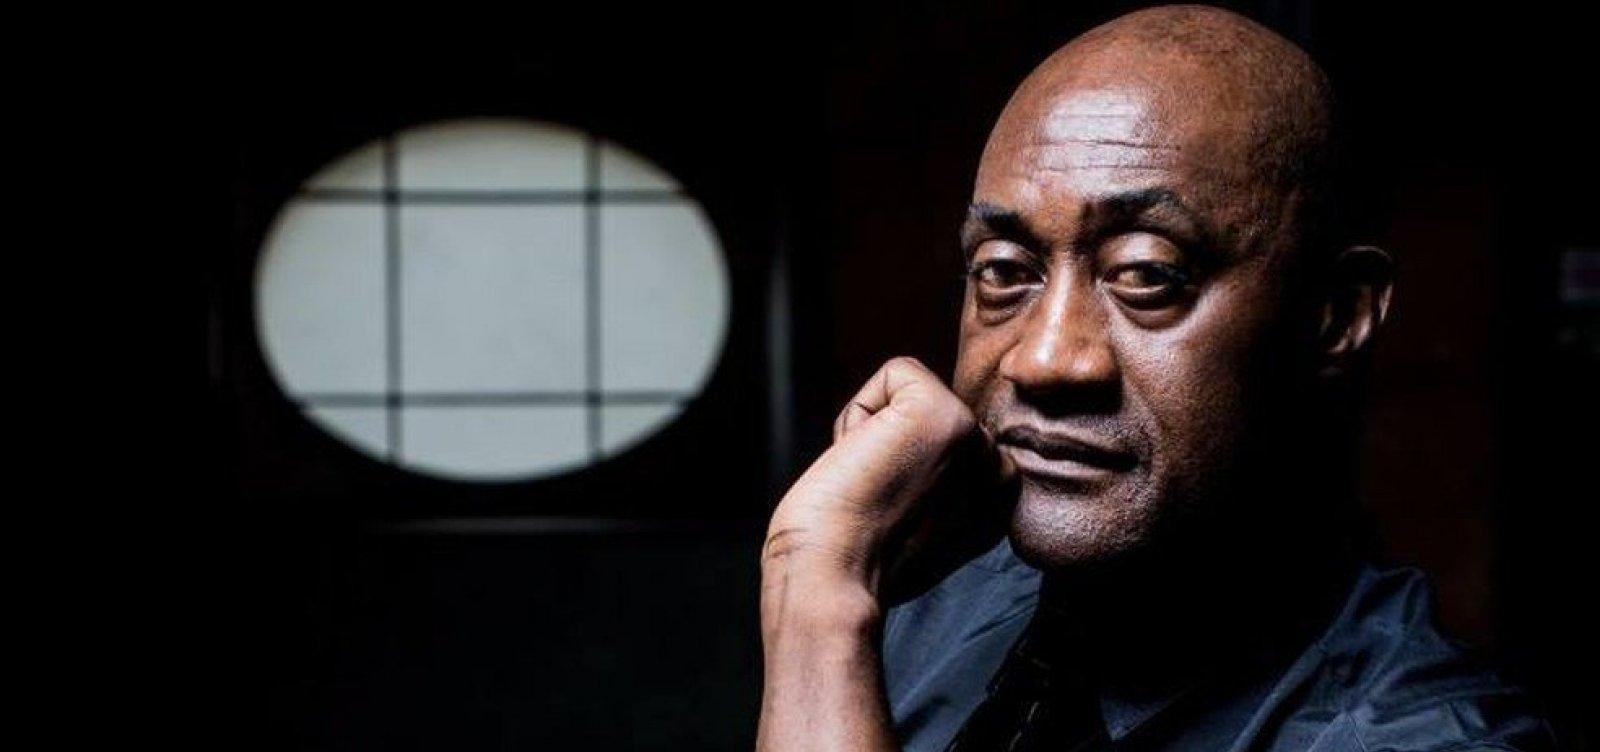 Bailarino e coreógrafo, Ismael Ivo morre aos 66 anos por complicações da Covid-19